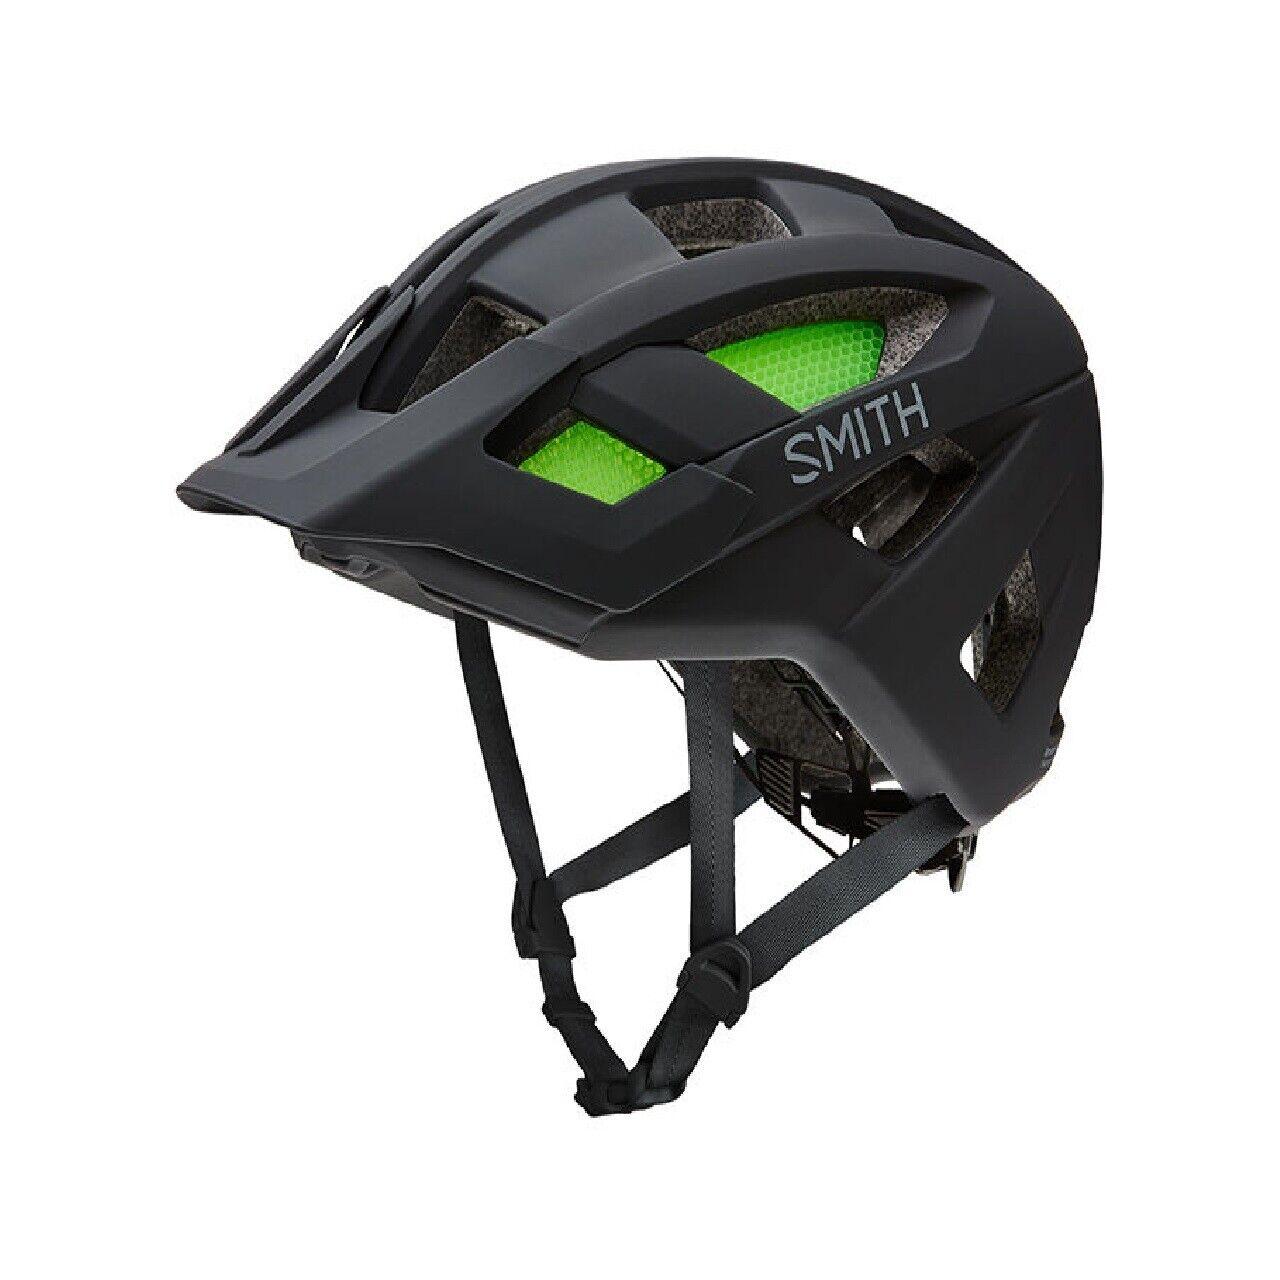 Rover Bicicleta De Montaña Bicicleta de montaña Smith Casco Negro Mate